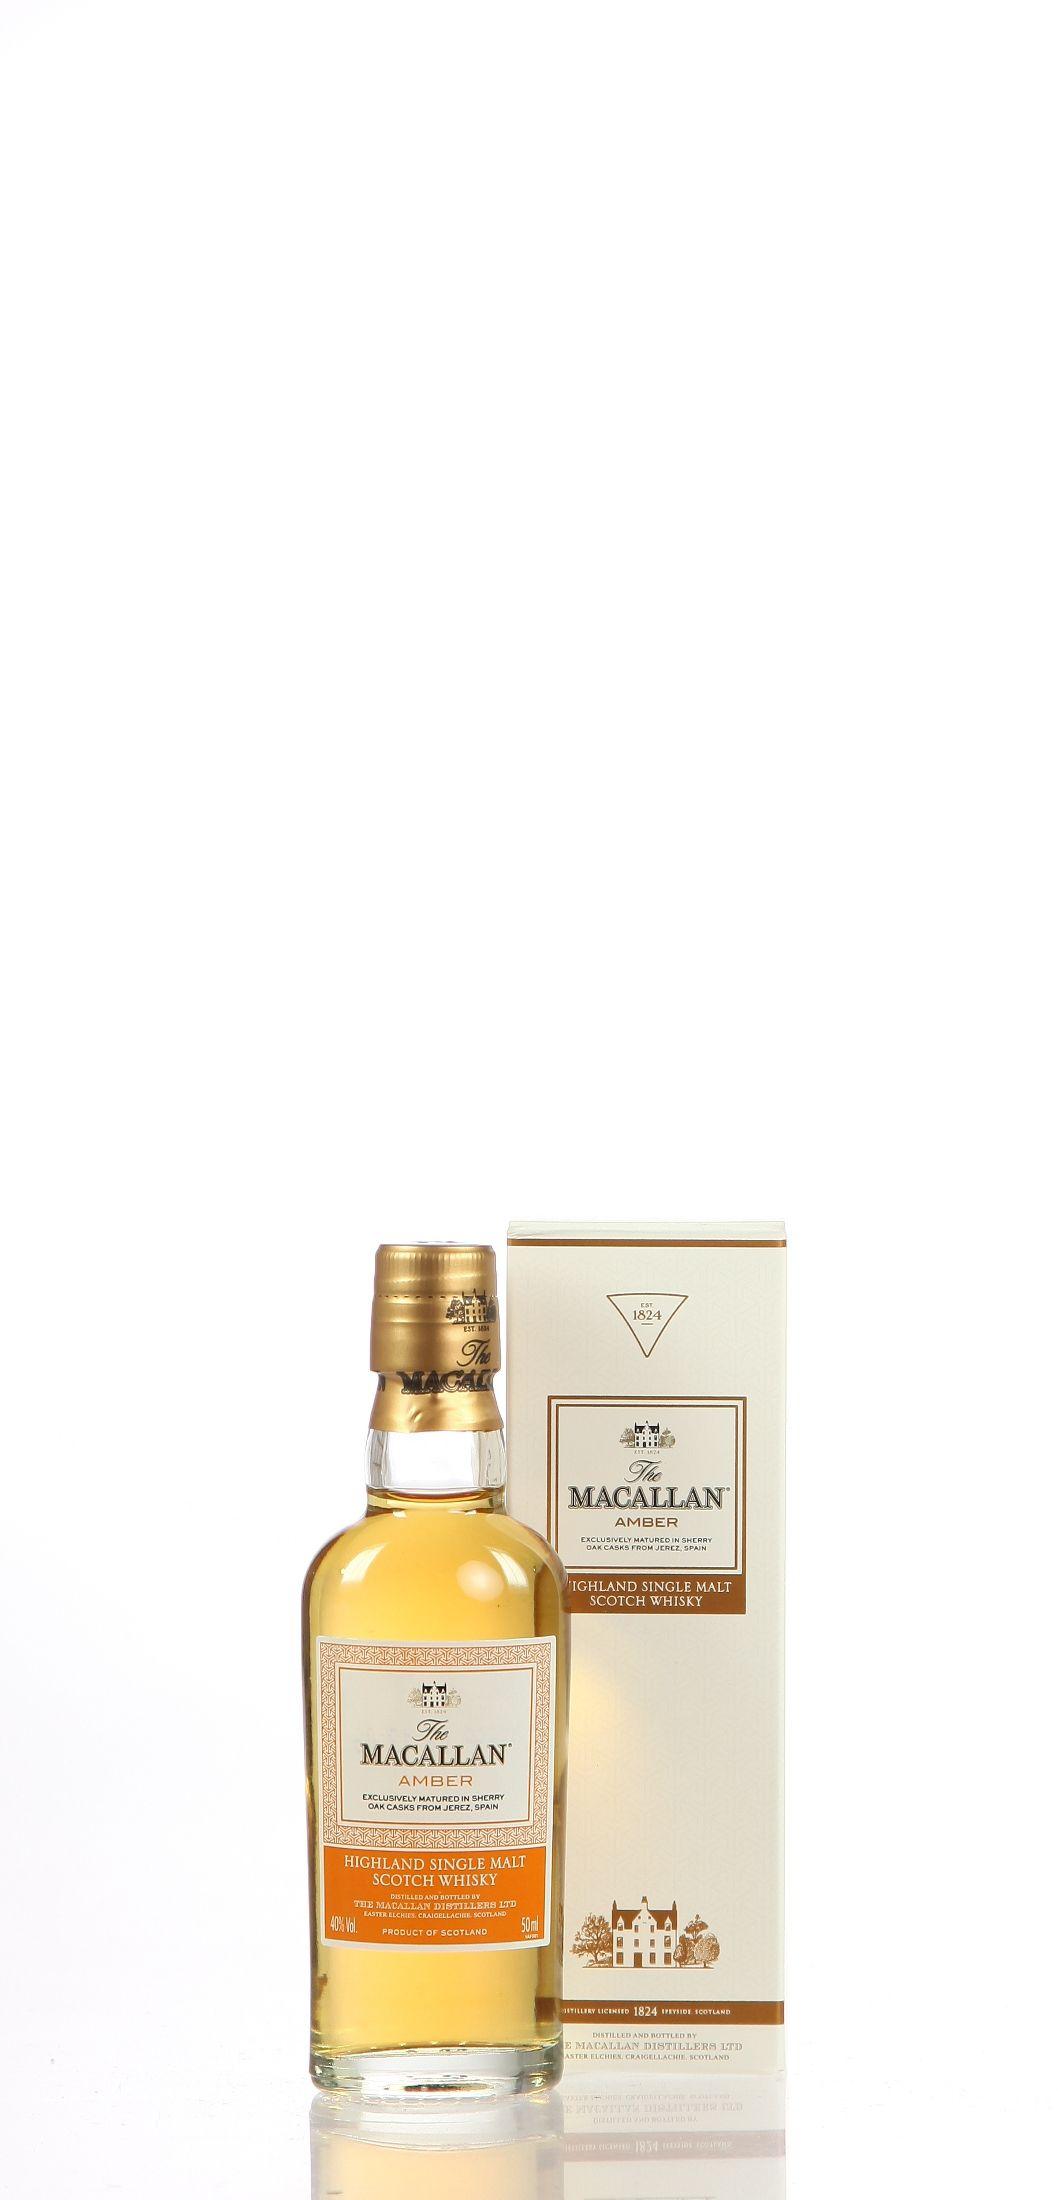 Miniatur Macallan Amber